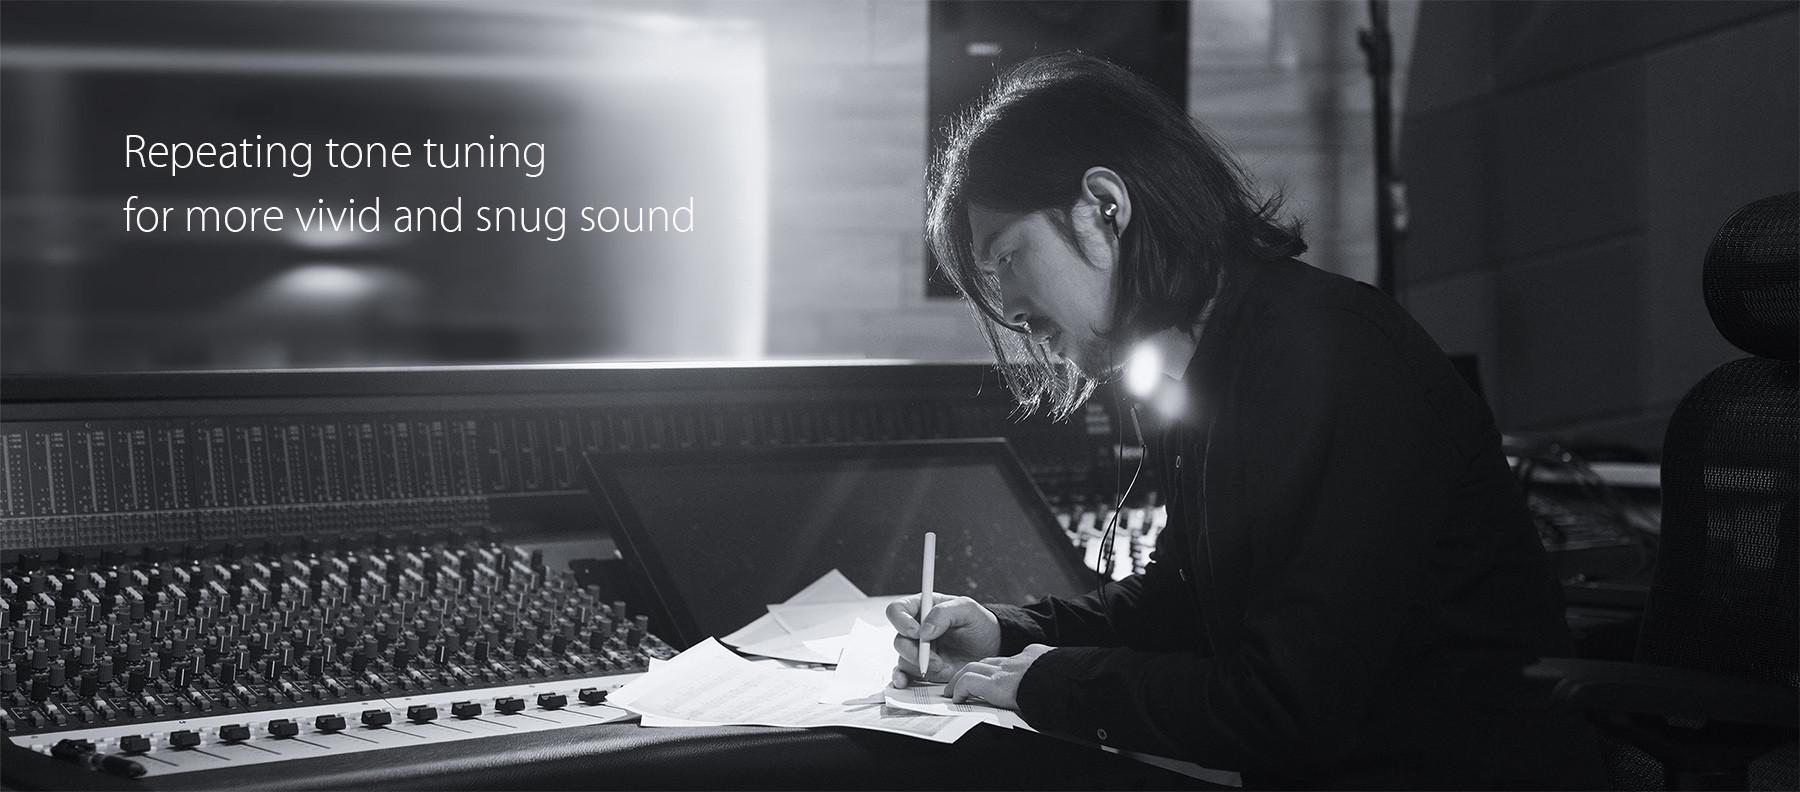 Los Xiaomi Piston Pro son excelentes auriculares para disfrutar de Audio en Alta definición